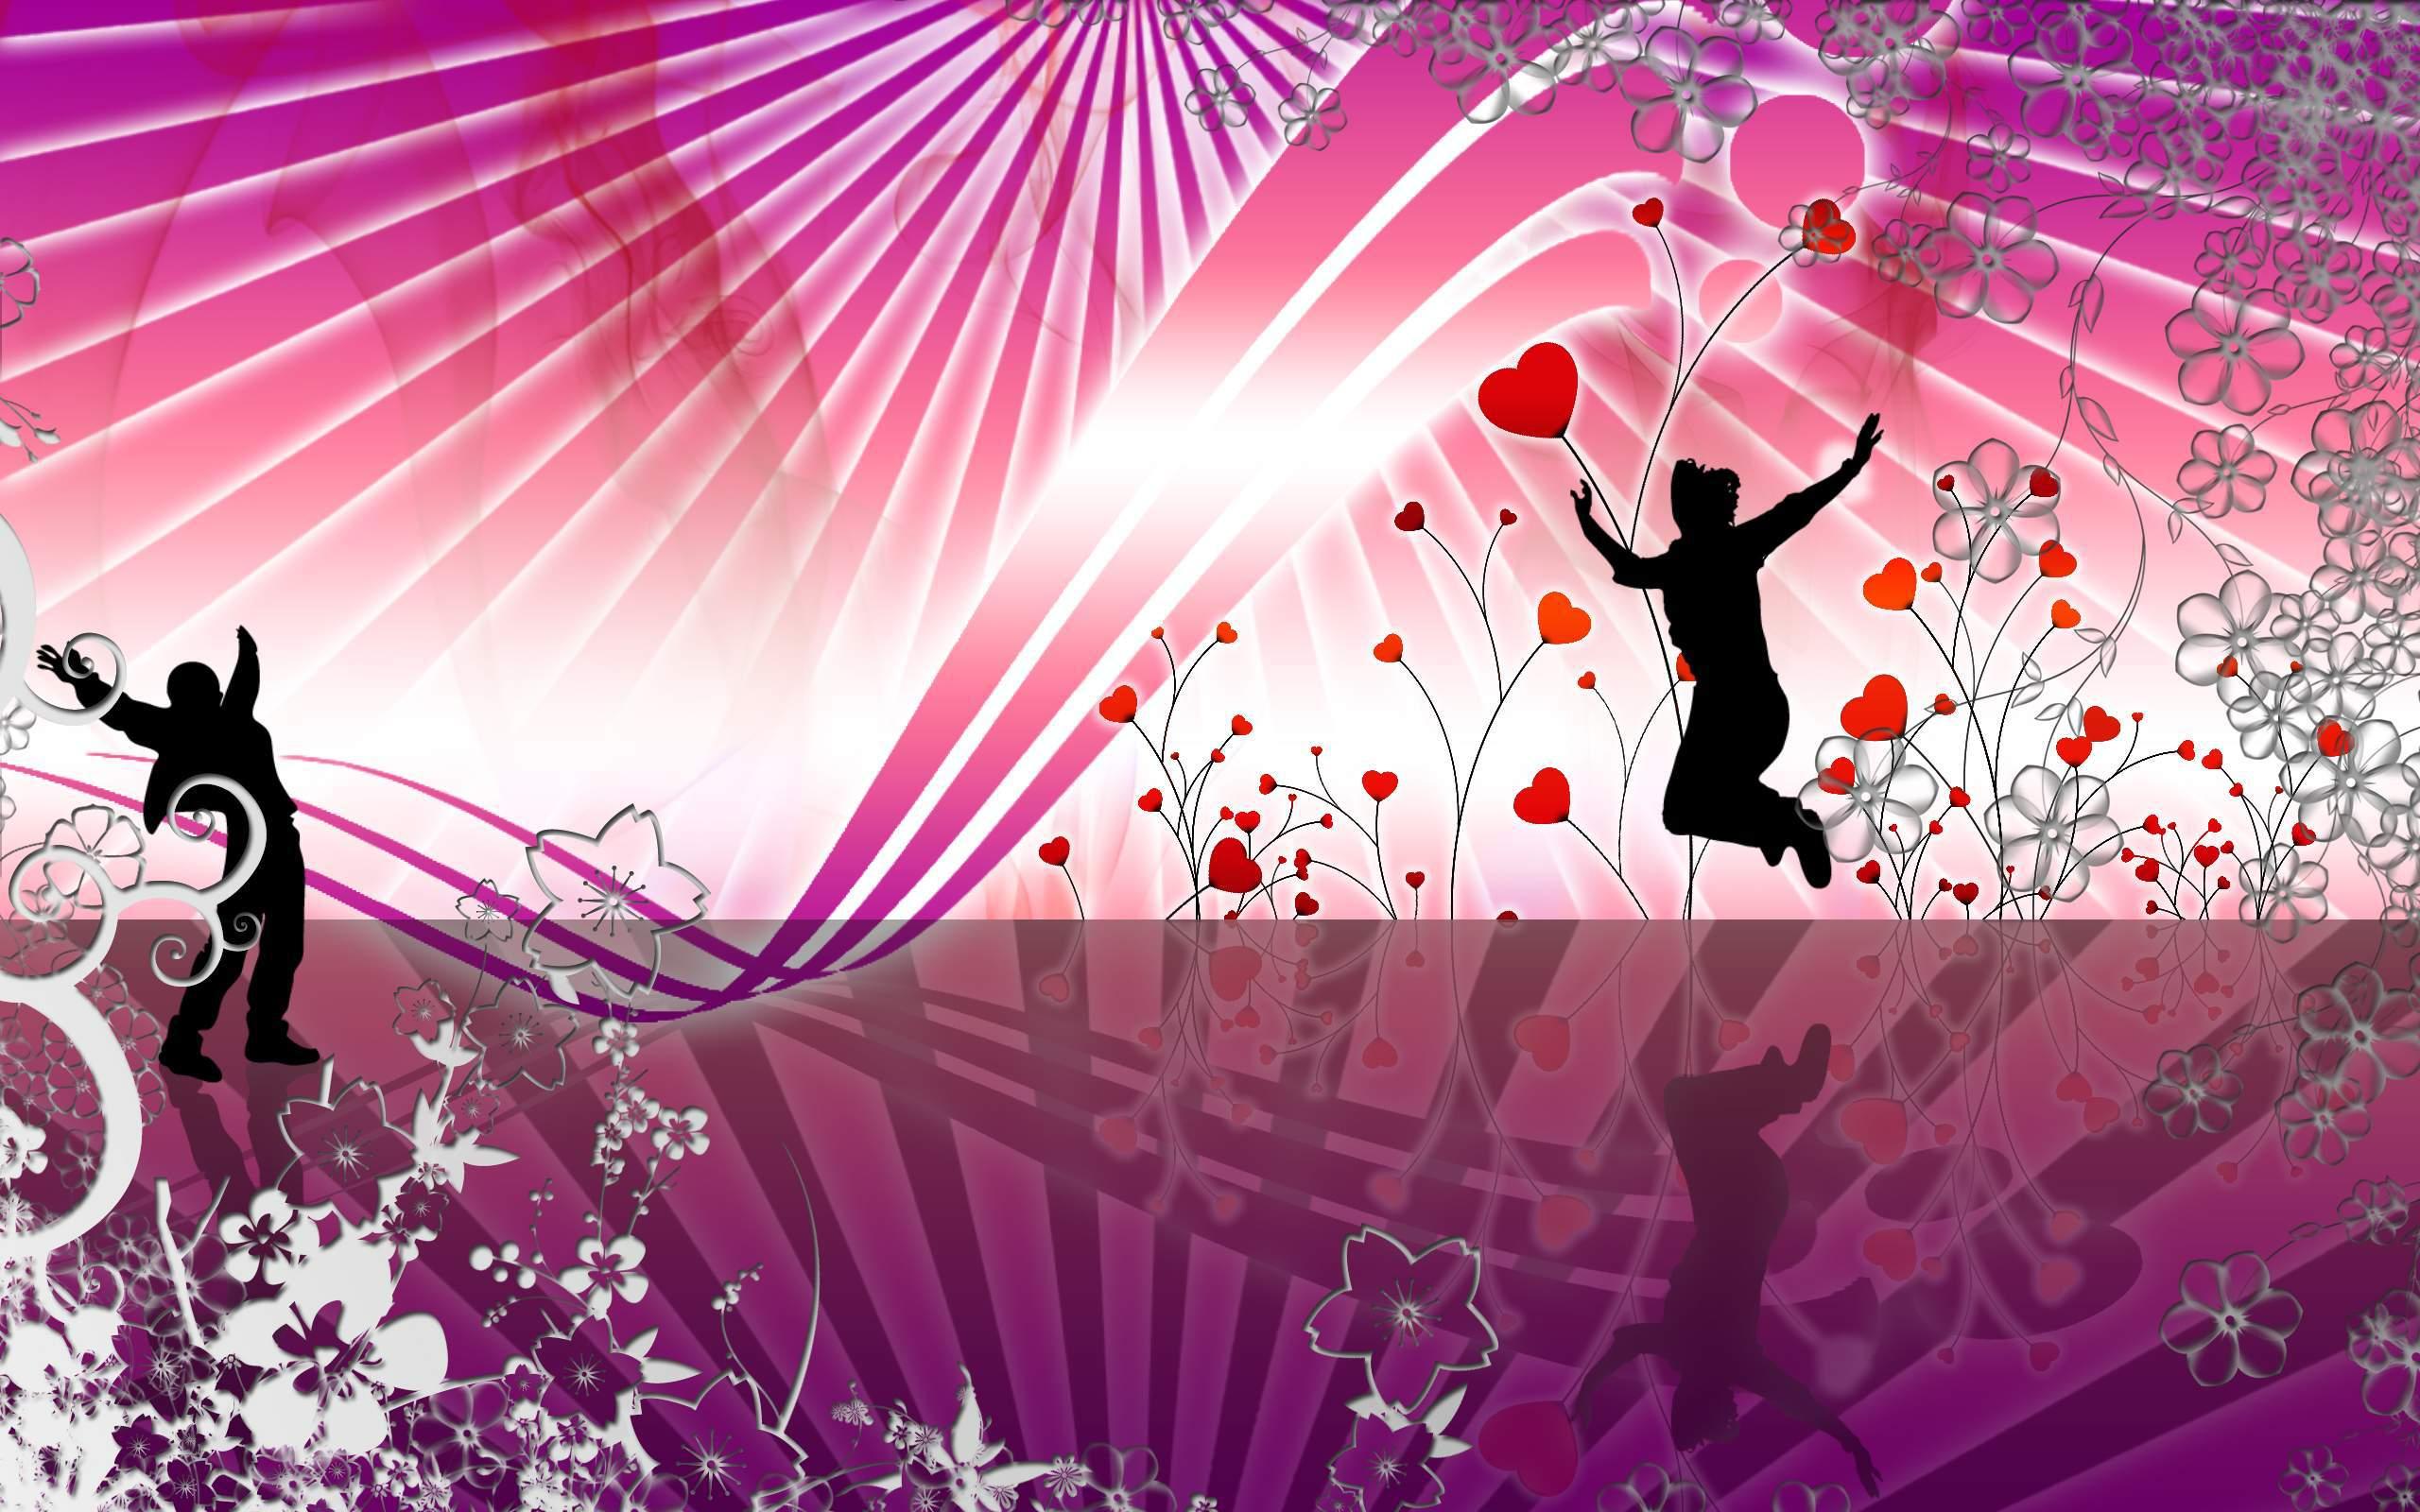 Картинки на тему танцы для презентации, днем рождения виде